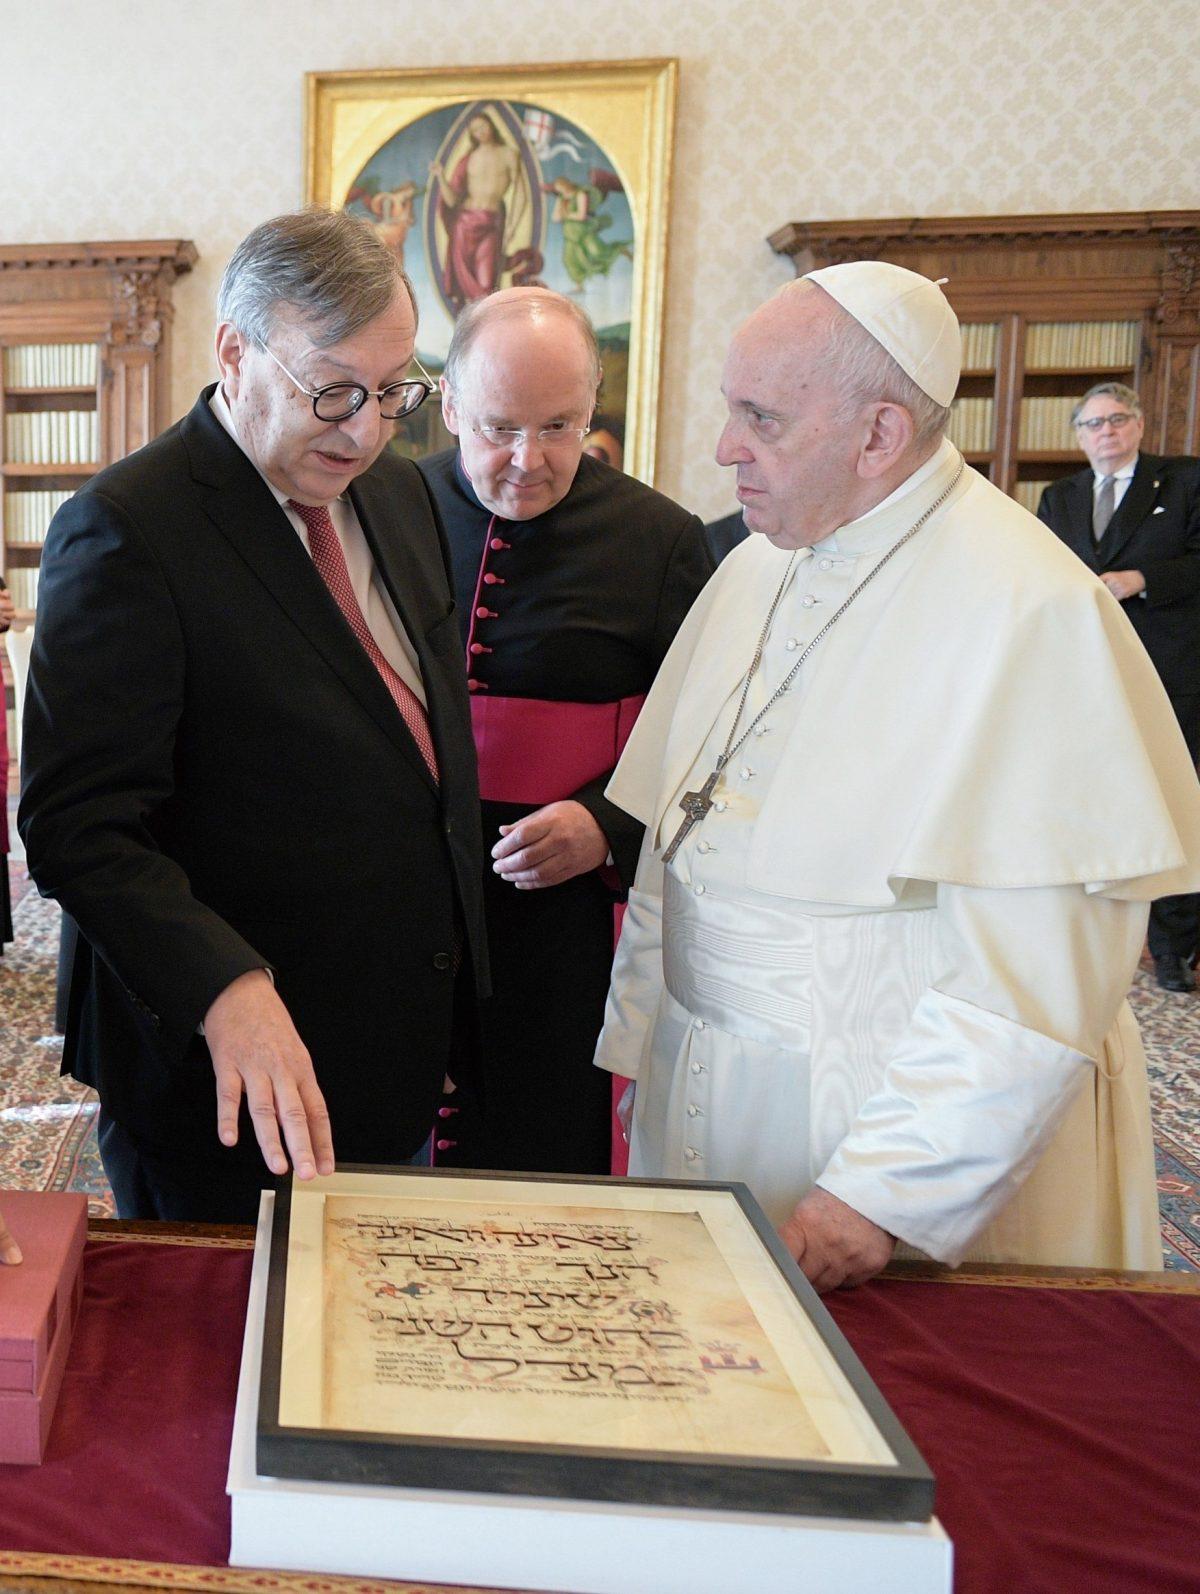 Papst Franziskus empfängt Abraham Lehrer